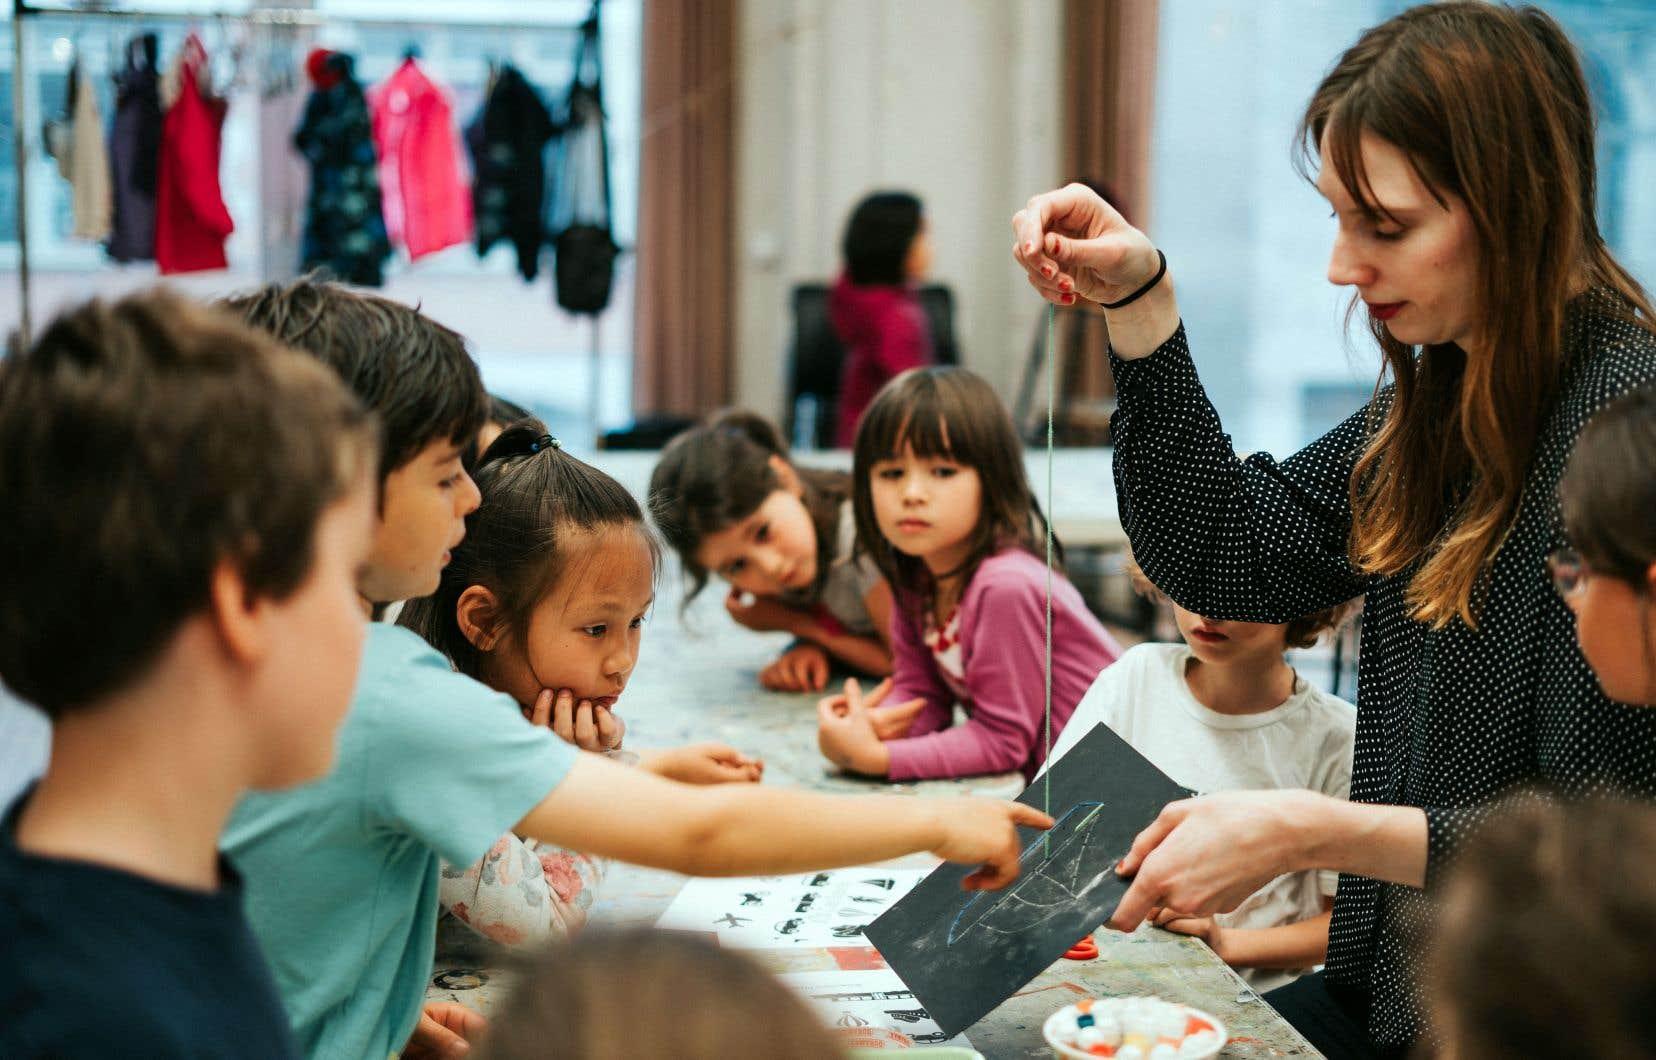 L'accessibilité et la diversité d'approches qu'offre le Centre des arts visuels vont au-delà des 300 cours et plus qui sont offerts dans l'établissement chaque année.